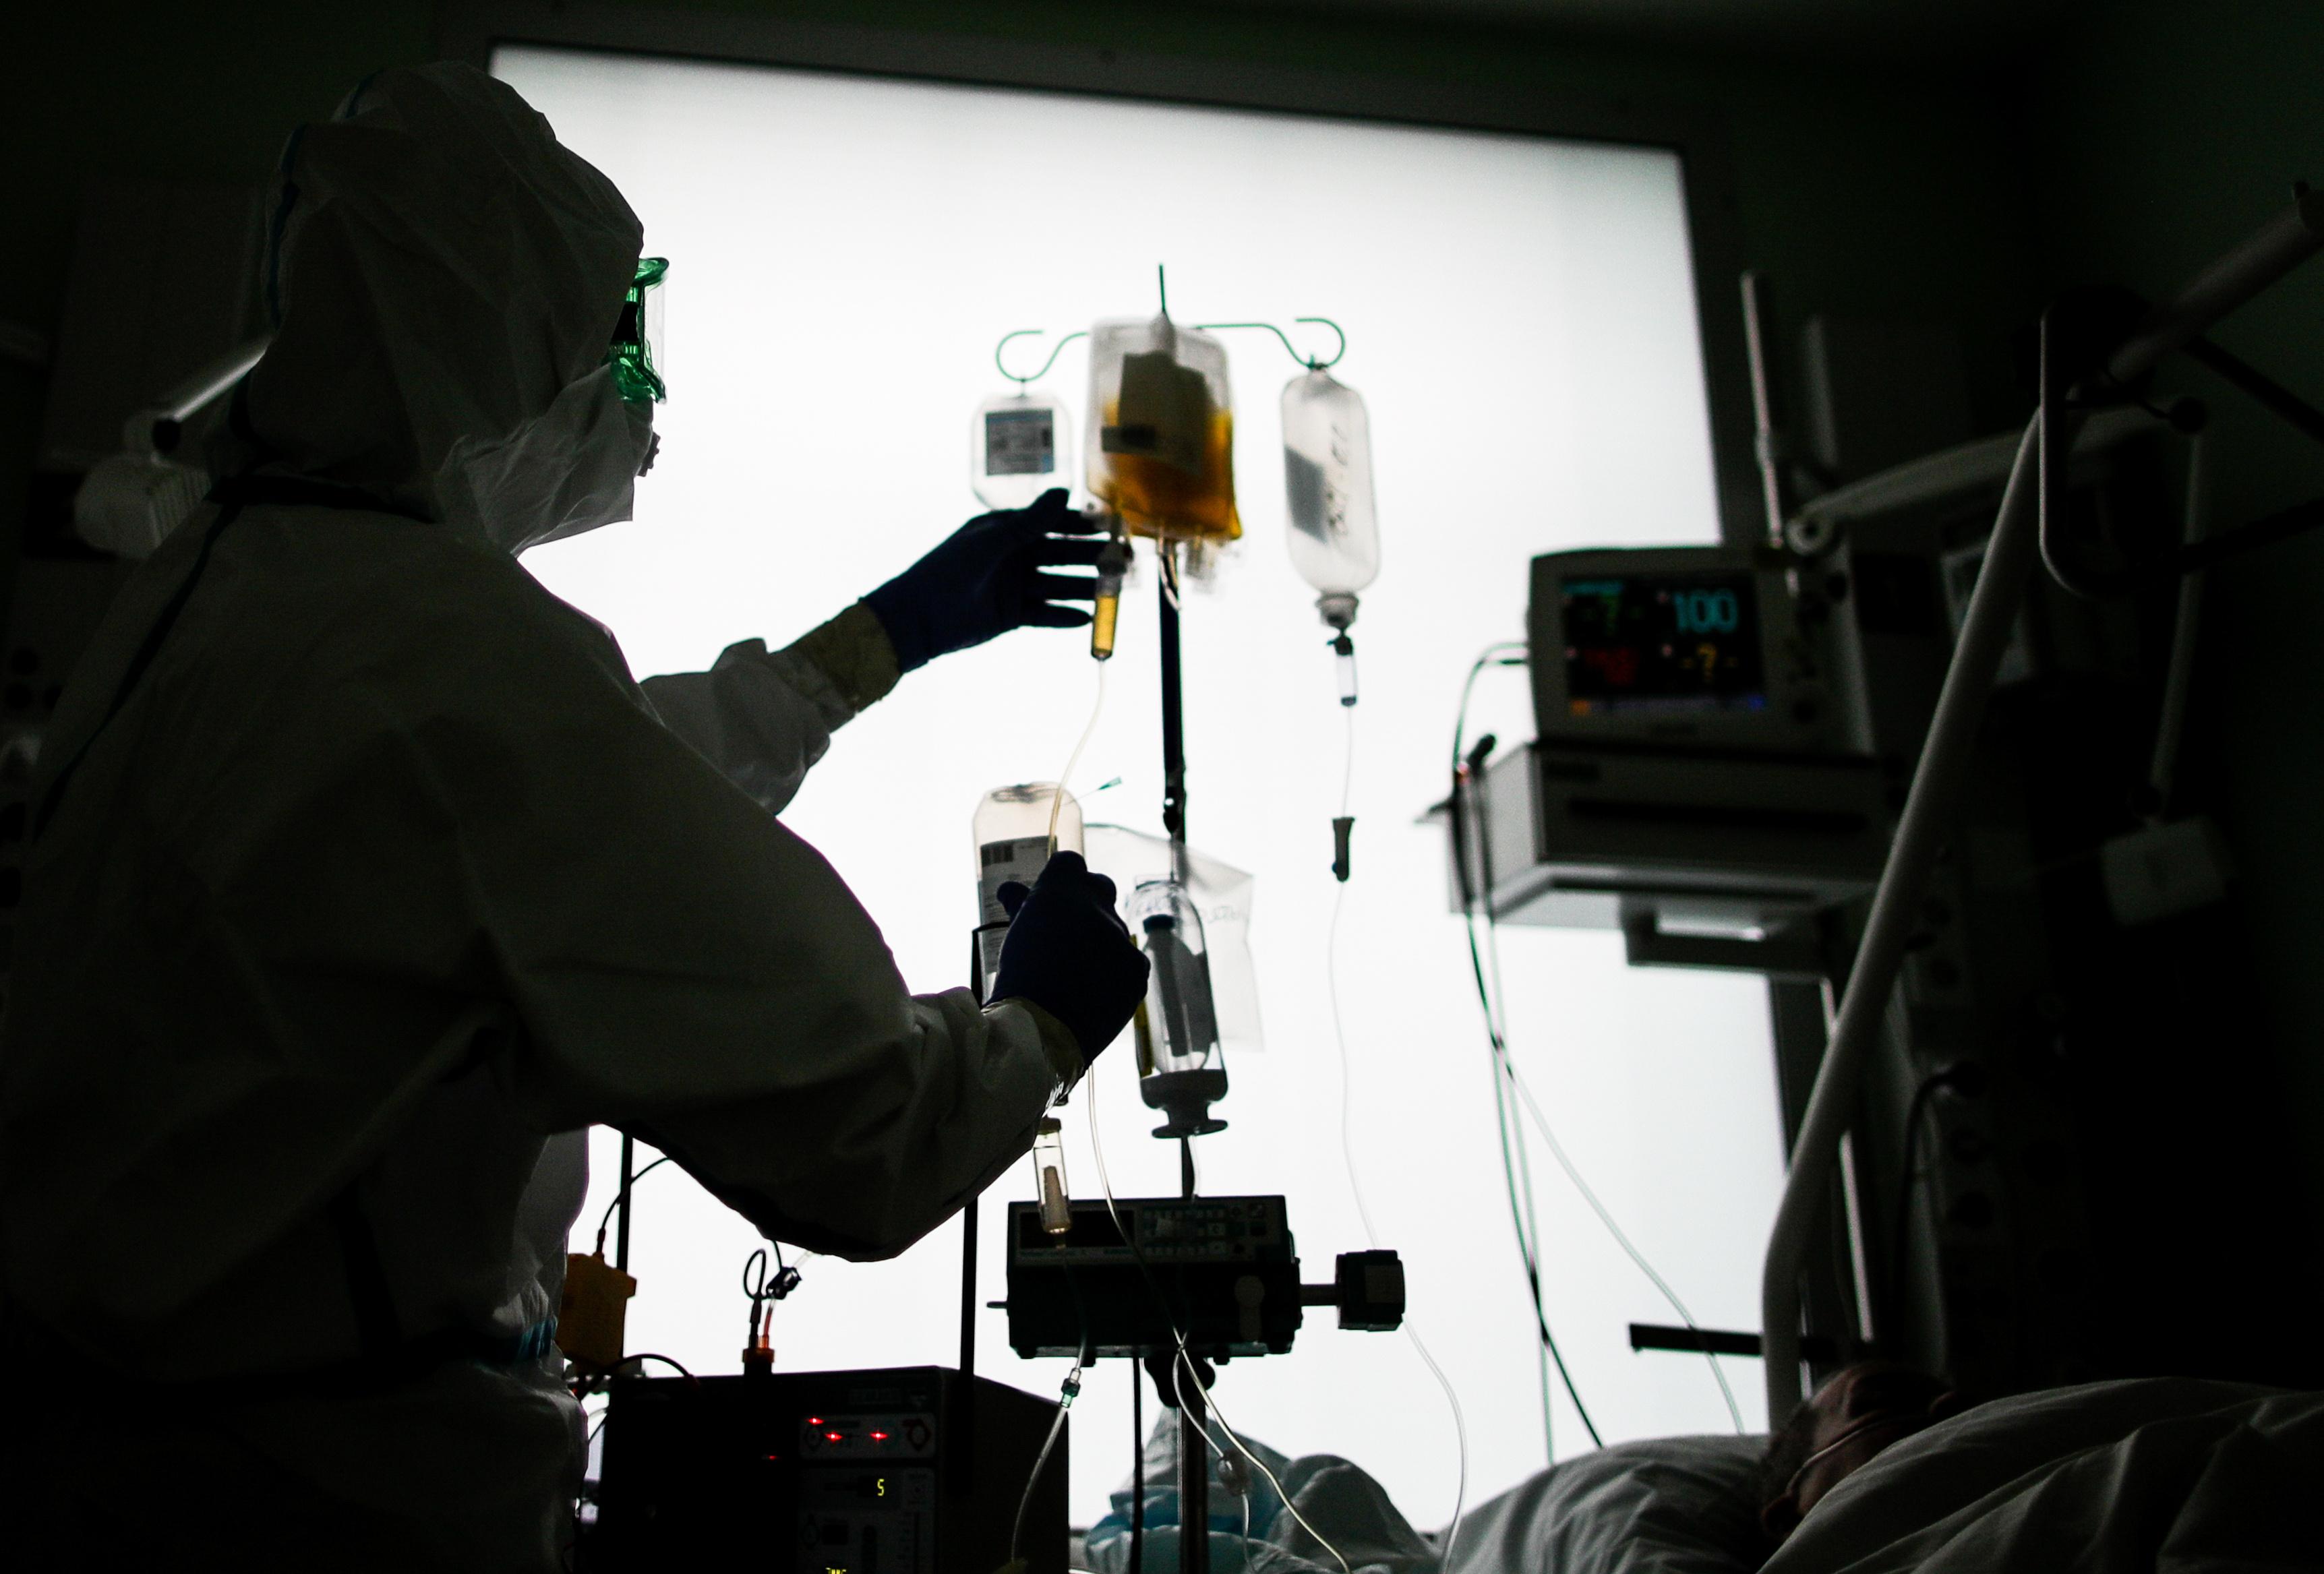 Трое школьников отравились лекарствами во время урока в Южно-Сахалинске